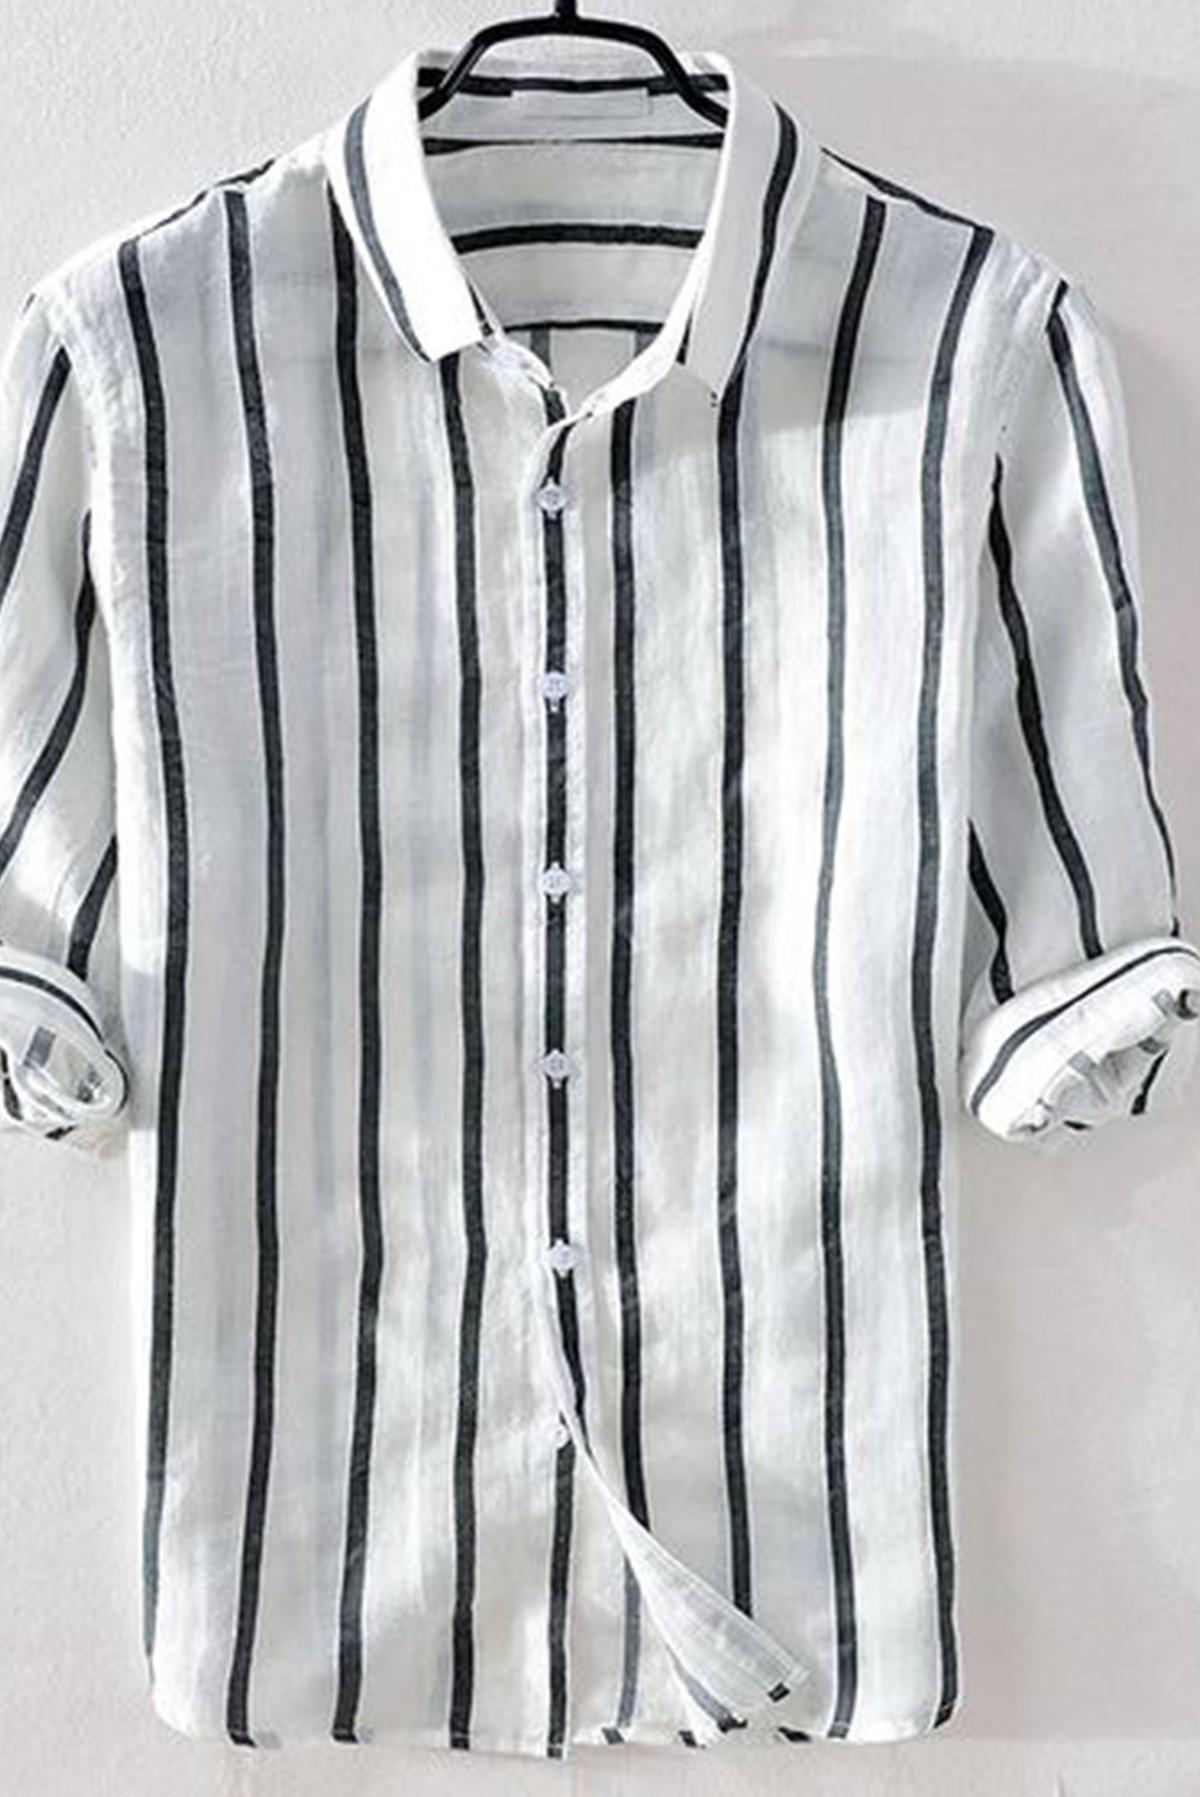 Men's Basic Full Sleeves Striped Shirt S325